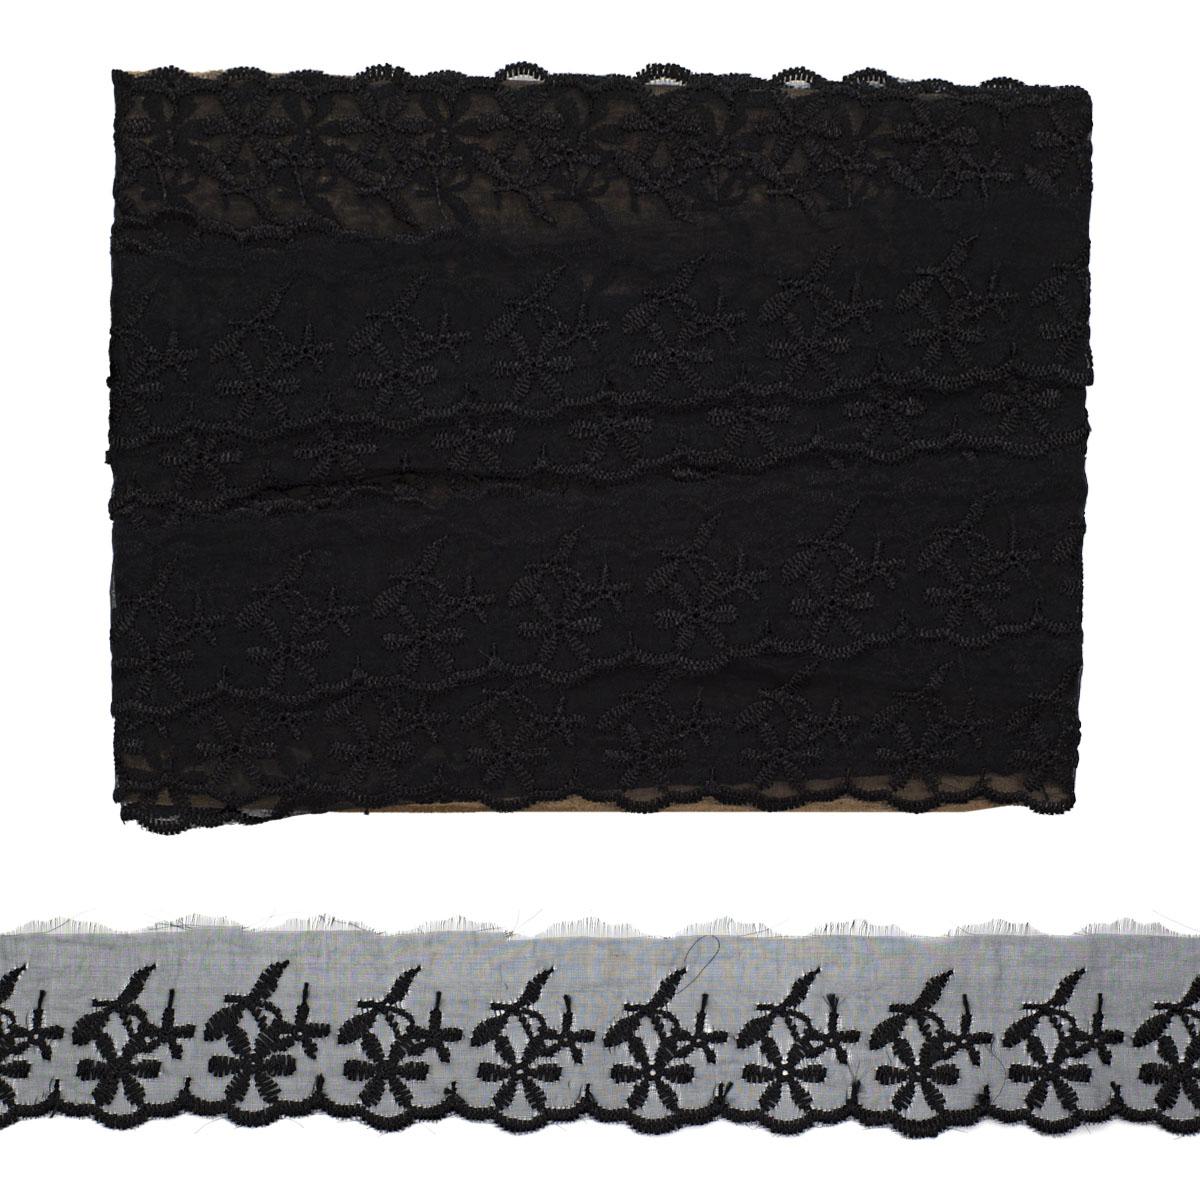 Кружево капрон 5см*6,8 м (+/- 4 см) 0574-2016, черный